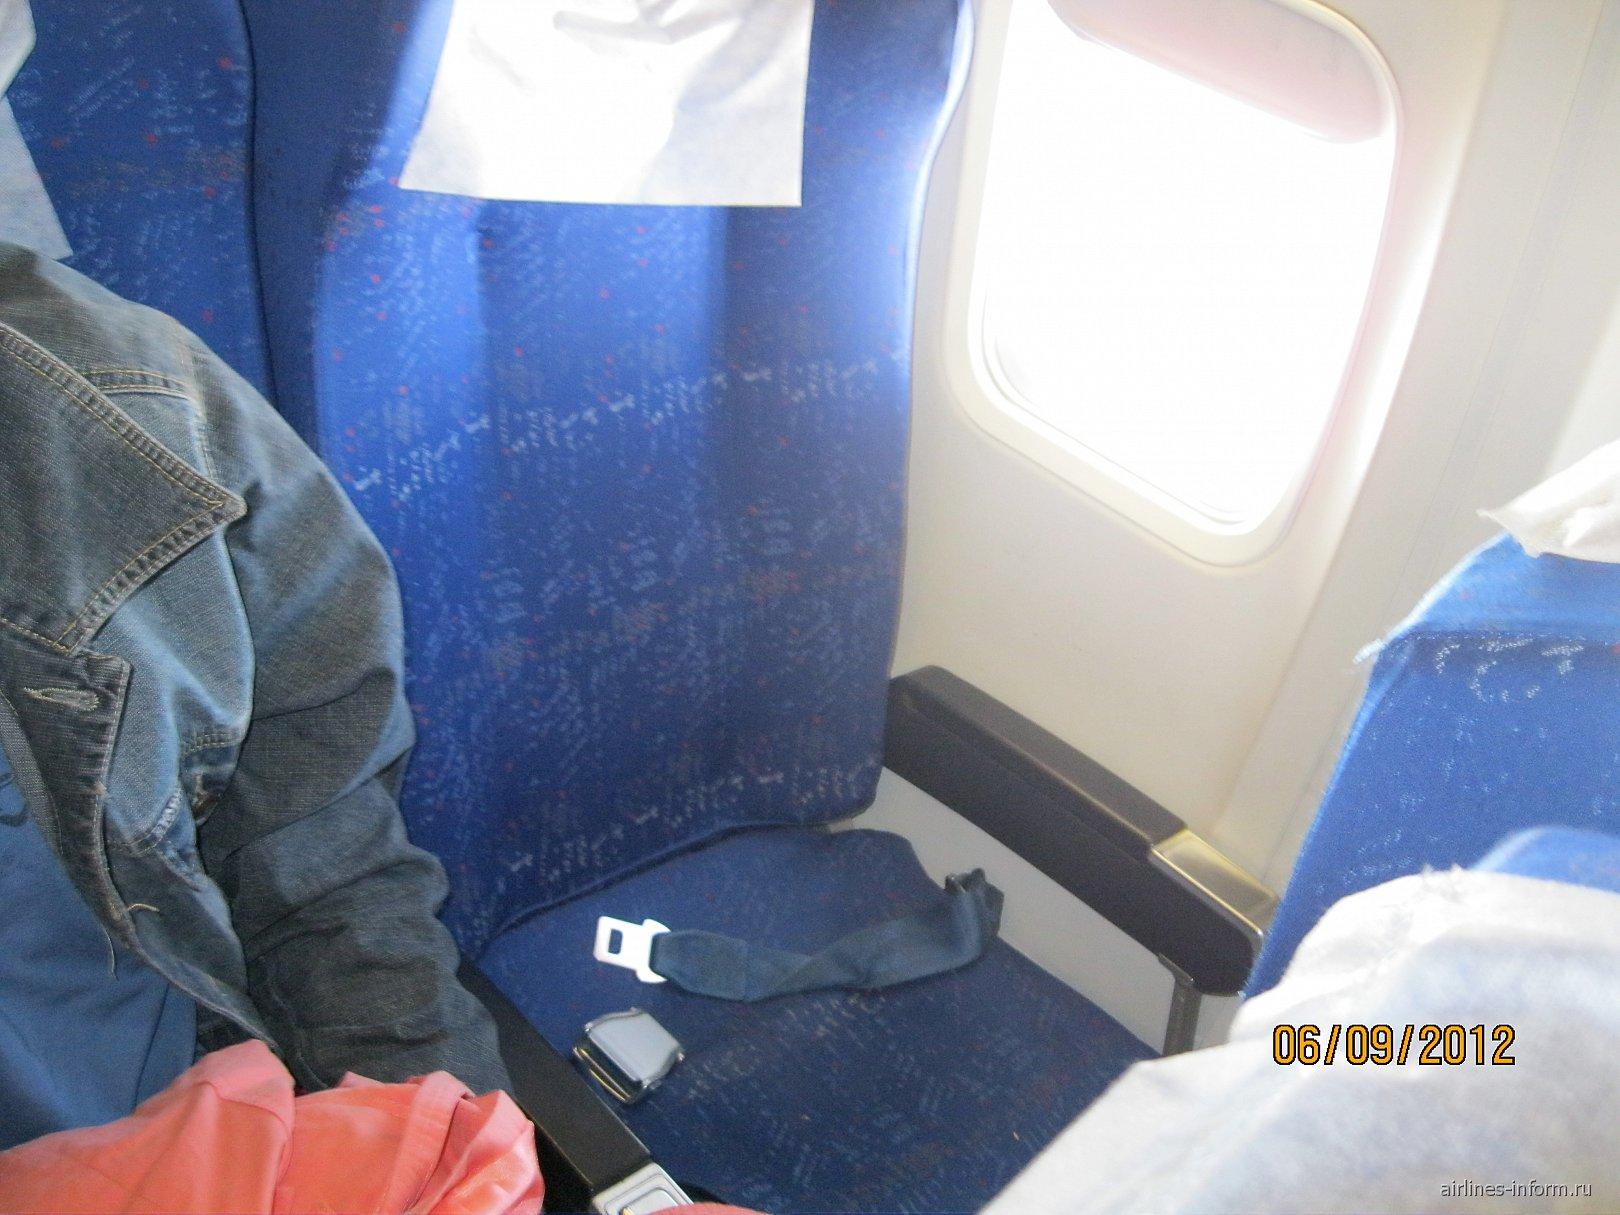 Салон самолета Боинг-737-500 авиакомпании Ямал